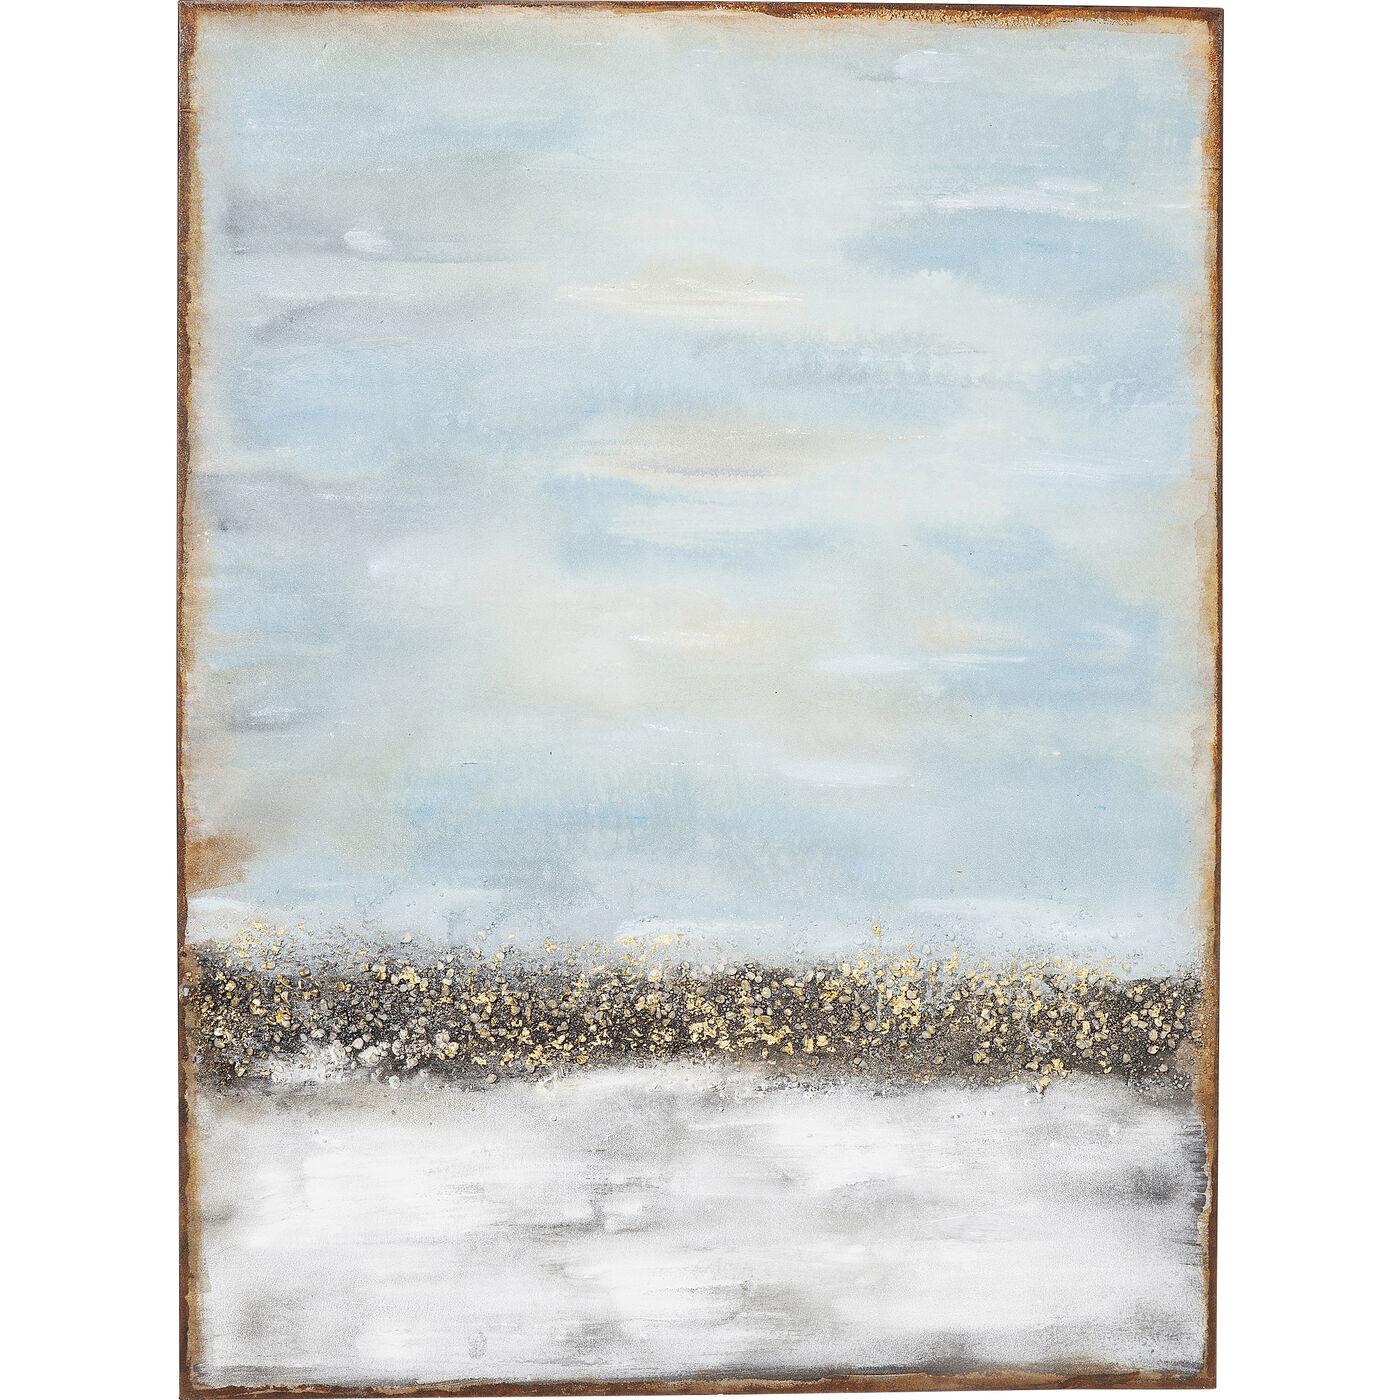 Acrylbild Abstract Horizon 120x90